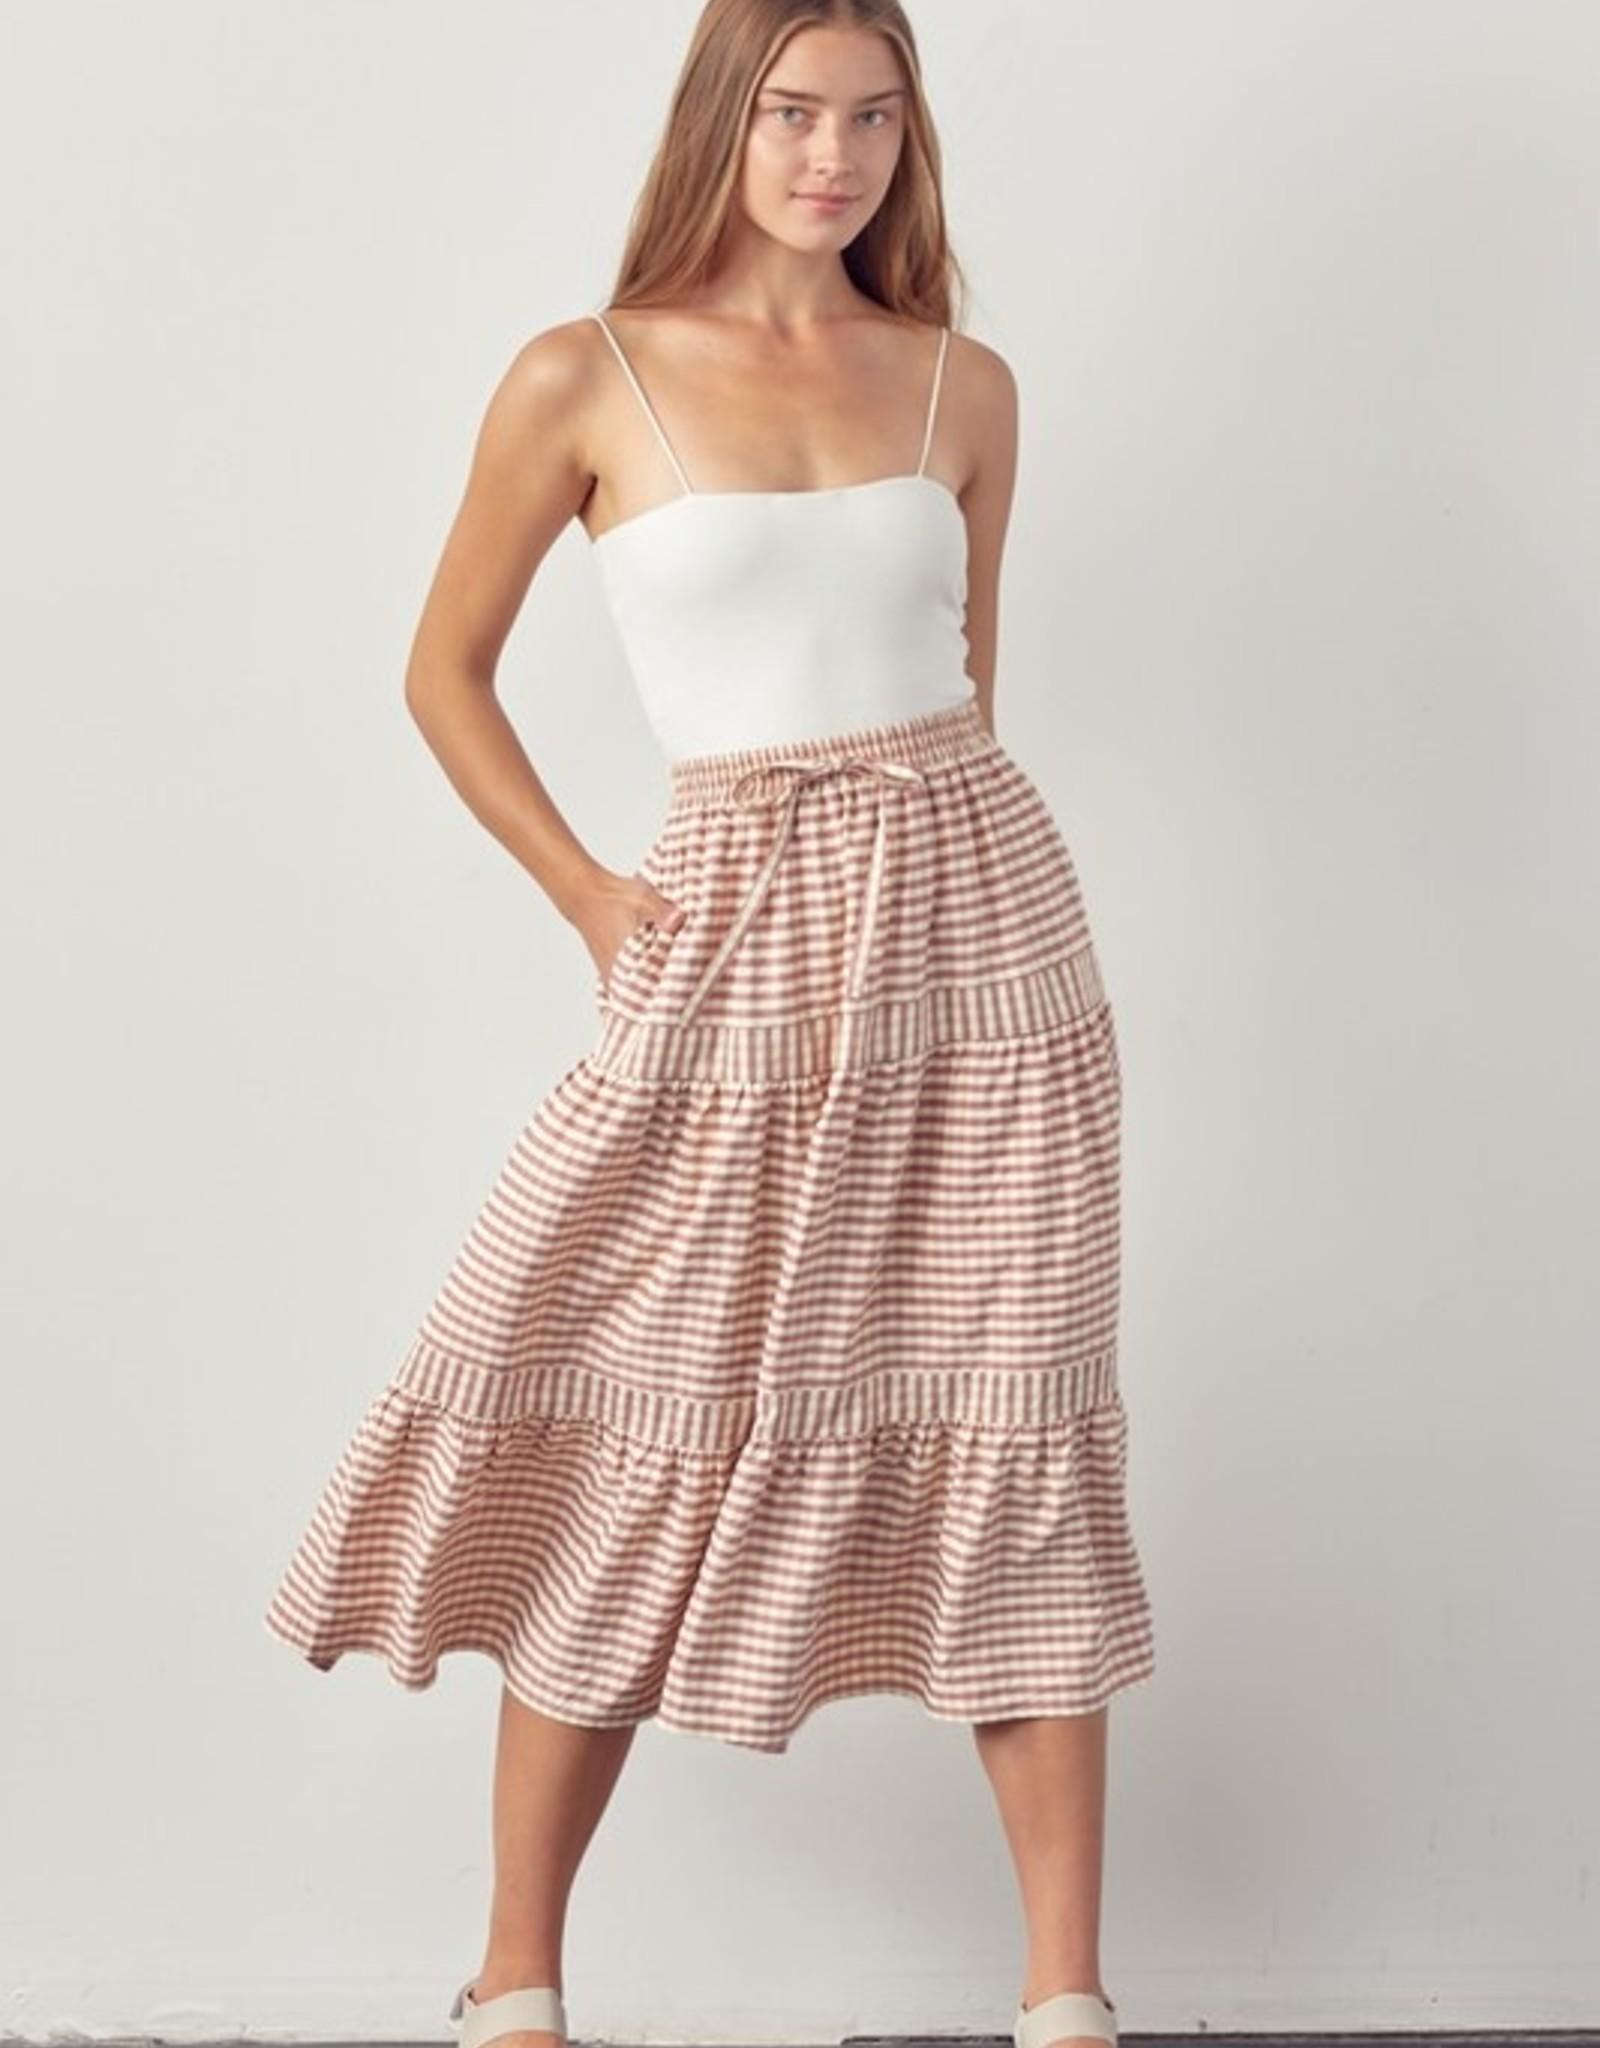 Cardiff Gingham Skirt